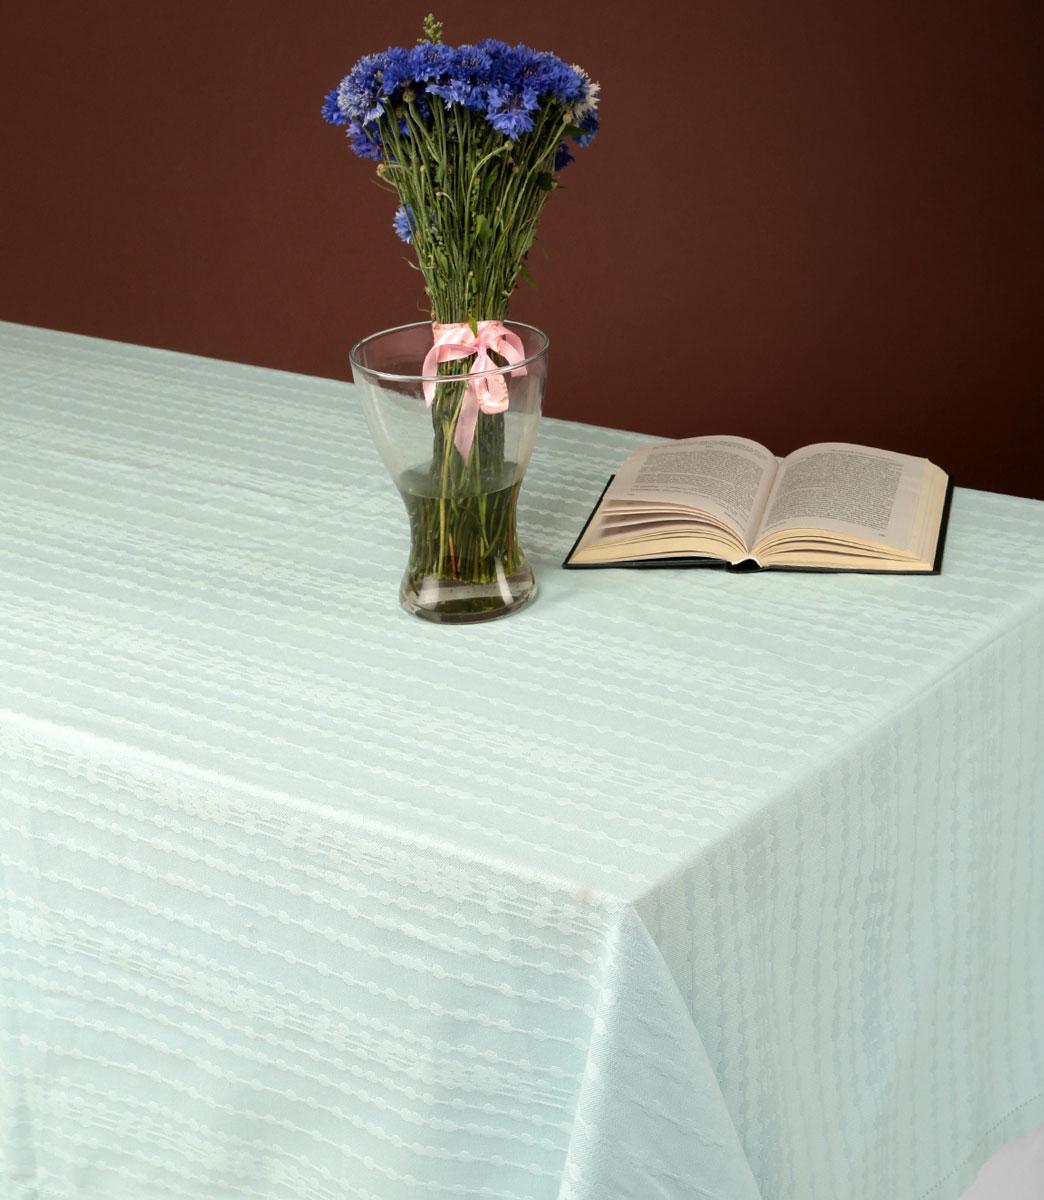 Скатерть Julia Vysotskaya, цвет: светло-бирюзовый, 160x 220 смVT-1520(SR)Великолепная скатерть Julia Vysotskaya, изготовленная из жаккарда, создаст атмосферу уюта и домашнего тепла в интерьере вашей кухни. Изделия из жаккарда уже давно стали известны всему миру не только своей прочностью и износостойкостью, но и элегантным, благородным внешним видом. Такой материал прослужит Вам не один десяток лет. Изделия имеют тефлоновое покрытие, можно поставить даже раскаленную сковороду и изделие останется целым. На всех изделиях коллекции есть не только логотип Julia Vysotskaya, но и сорока, которая является гербом поместья Юлии в Тоскане.Скатерть органично впишется в интерьер любого помещения, а оригинальный мотив удовлетворит даже самый изысканный вкус.В современном мире кухня - это не просто помещение для приготовления и приема пищи; это особое место, где собирается вся семья и царит душевная атмосфера. Кухня - душа вашего дома, поэтому важно создать в ней атмосферу уюта.